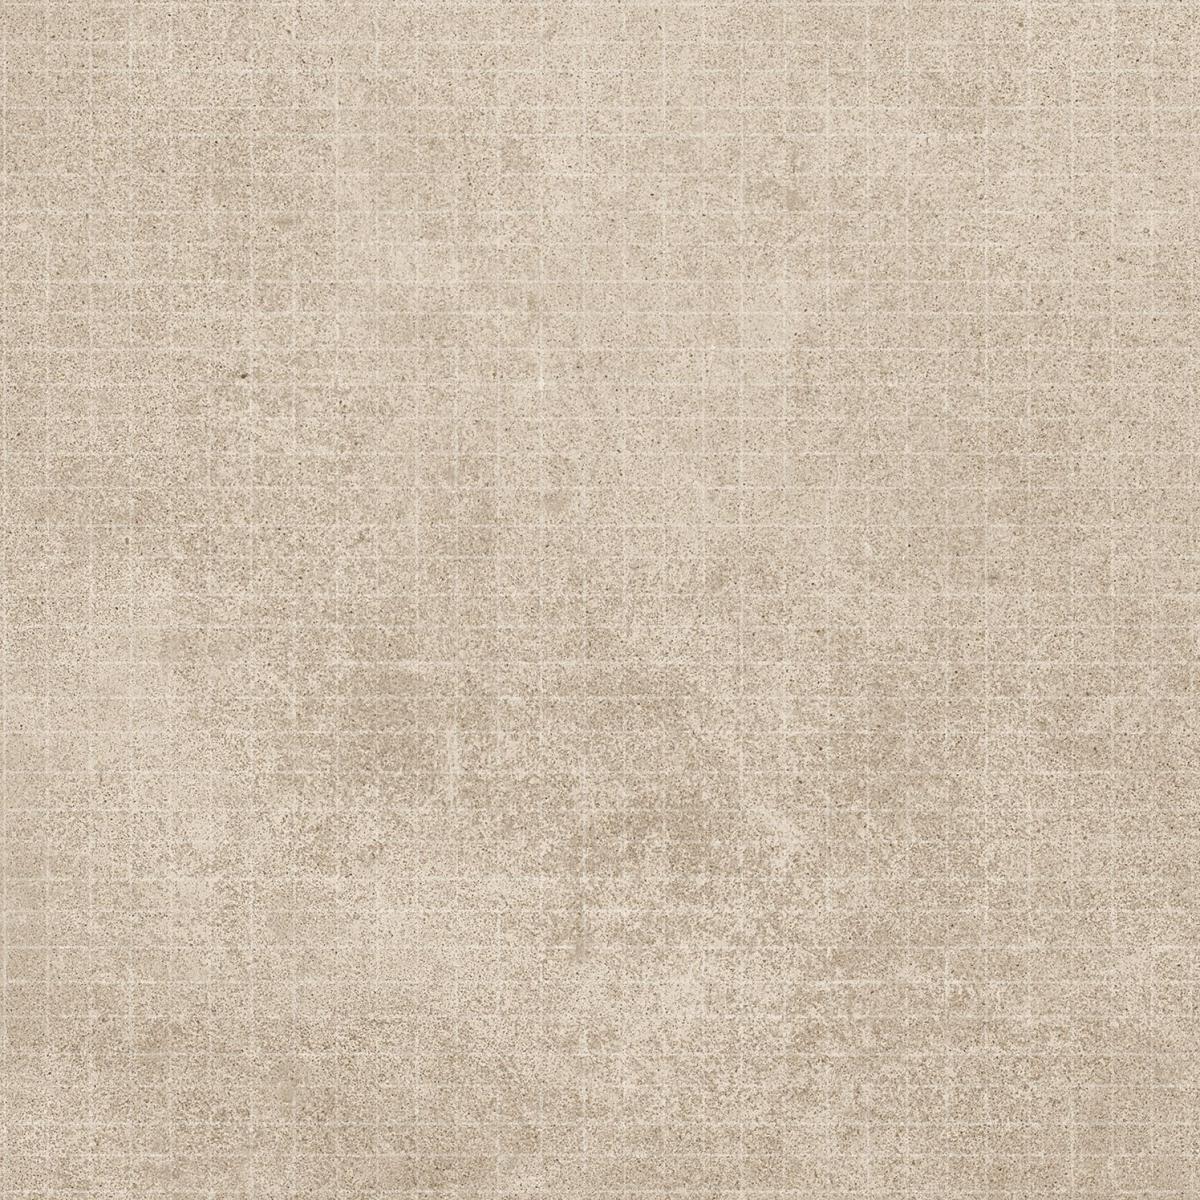 Vinci Mix 25x25 muestras online